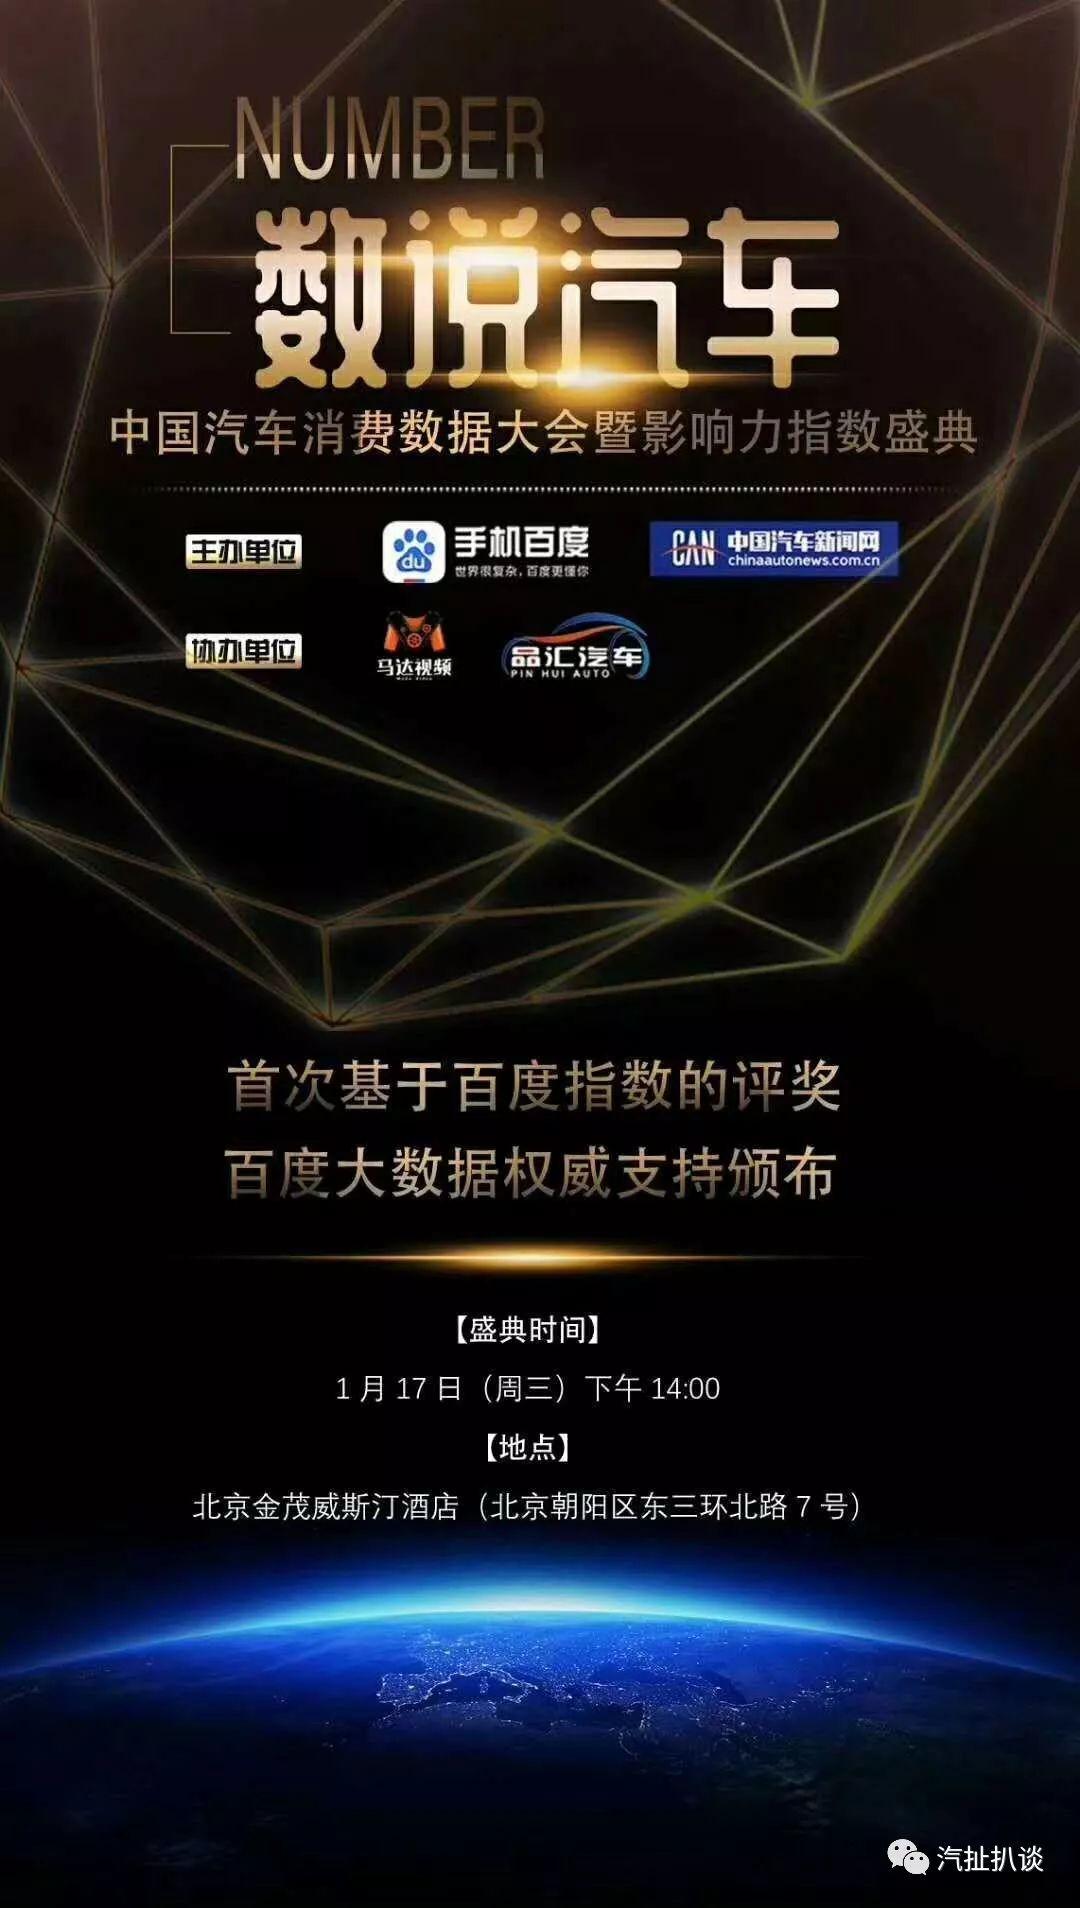 中国汽车新闻网与百度将开汽车消费数据大会